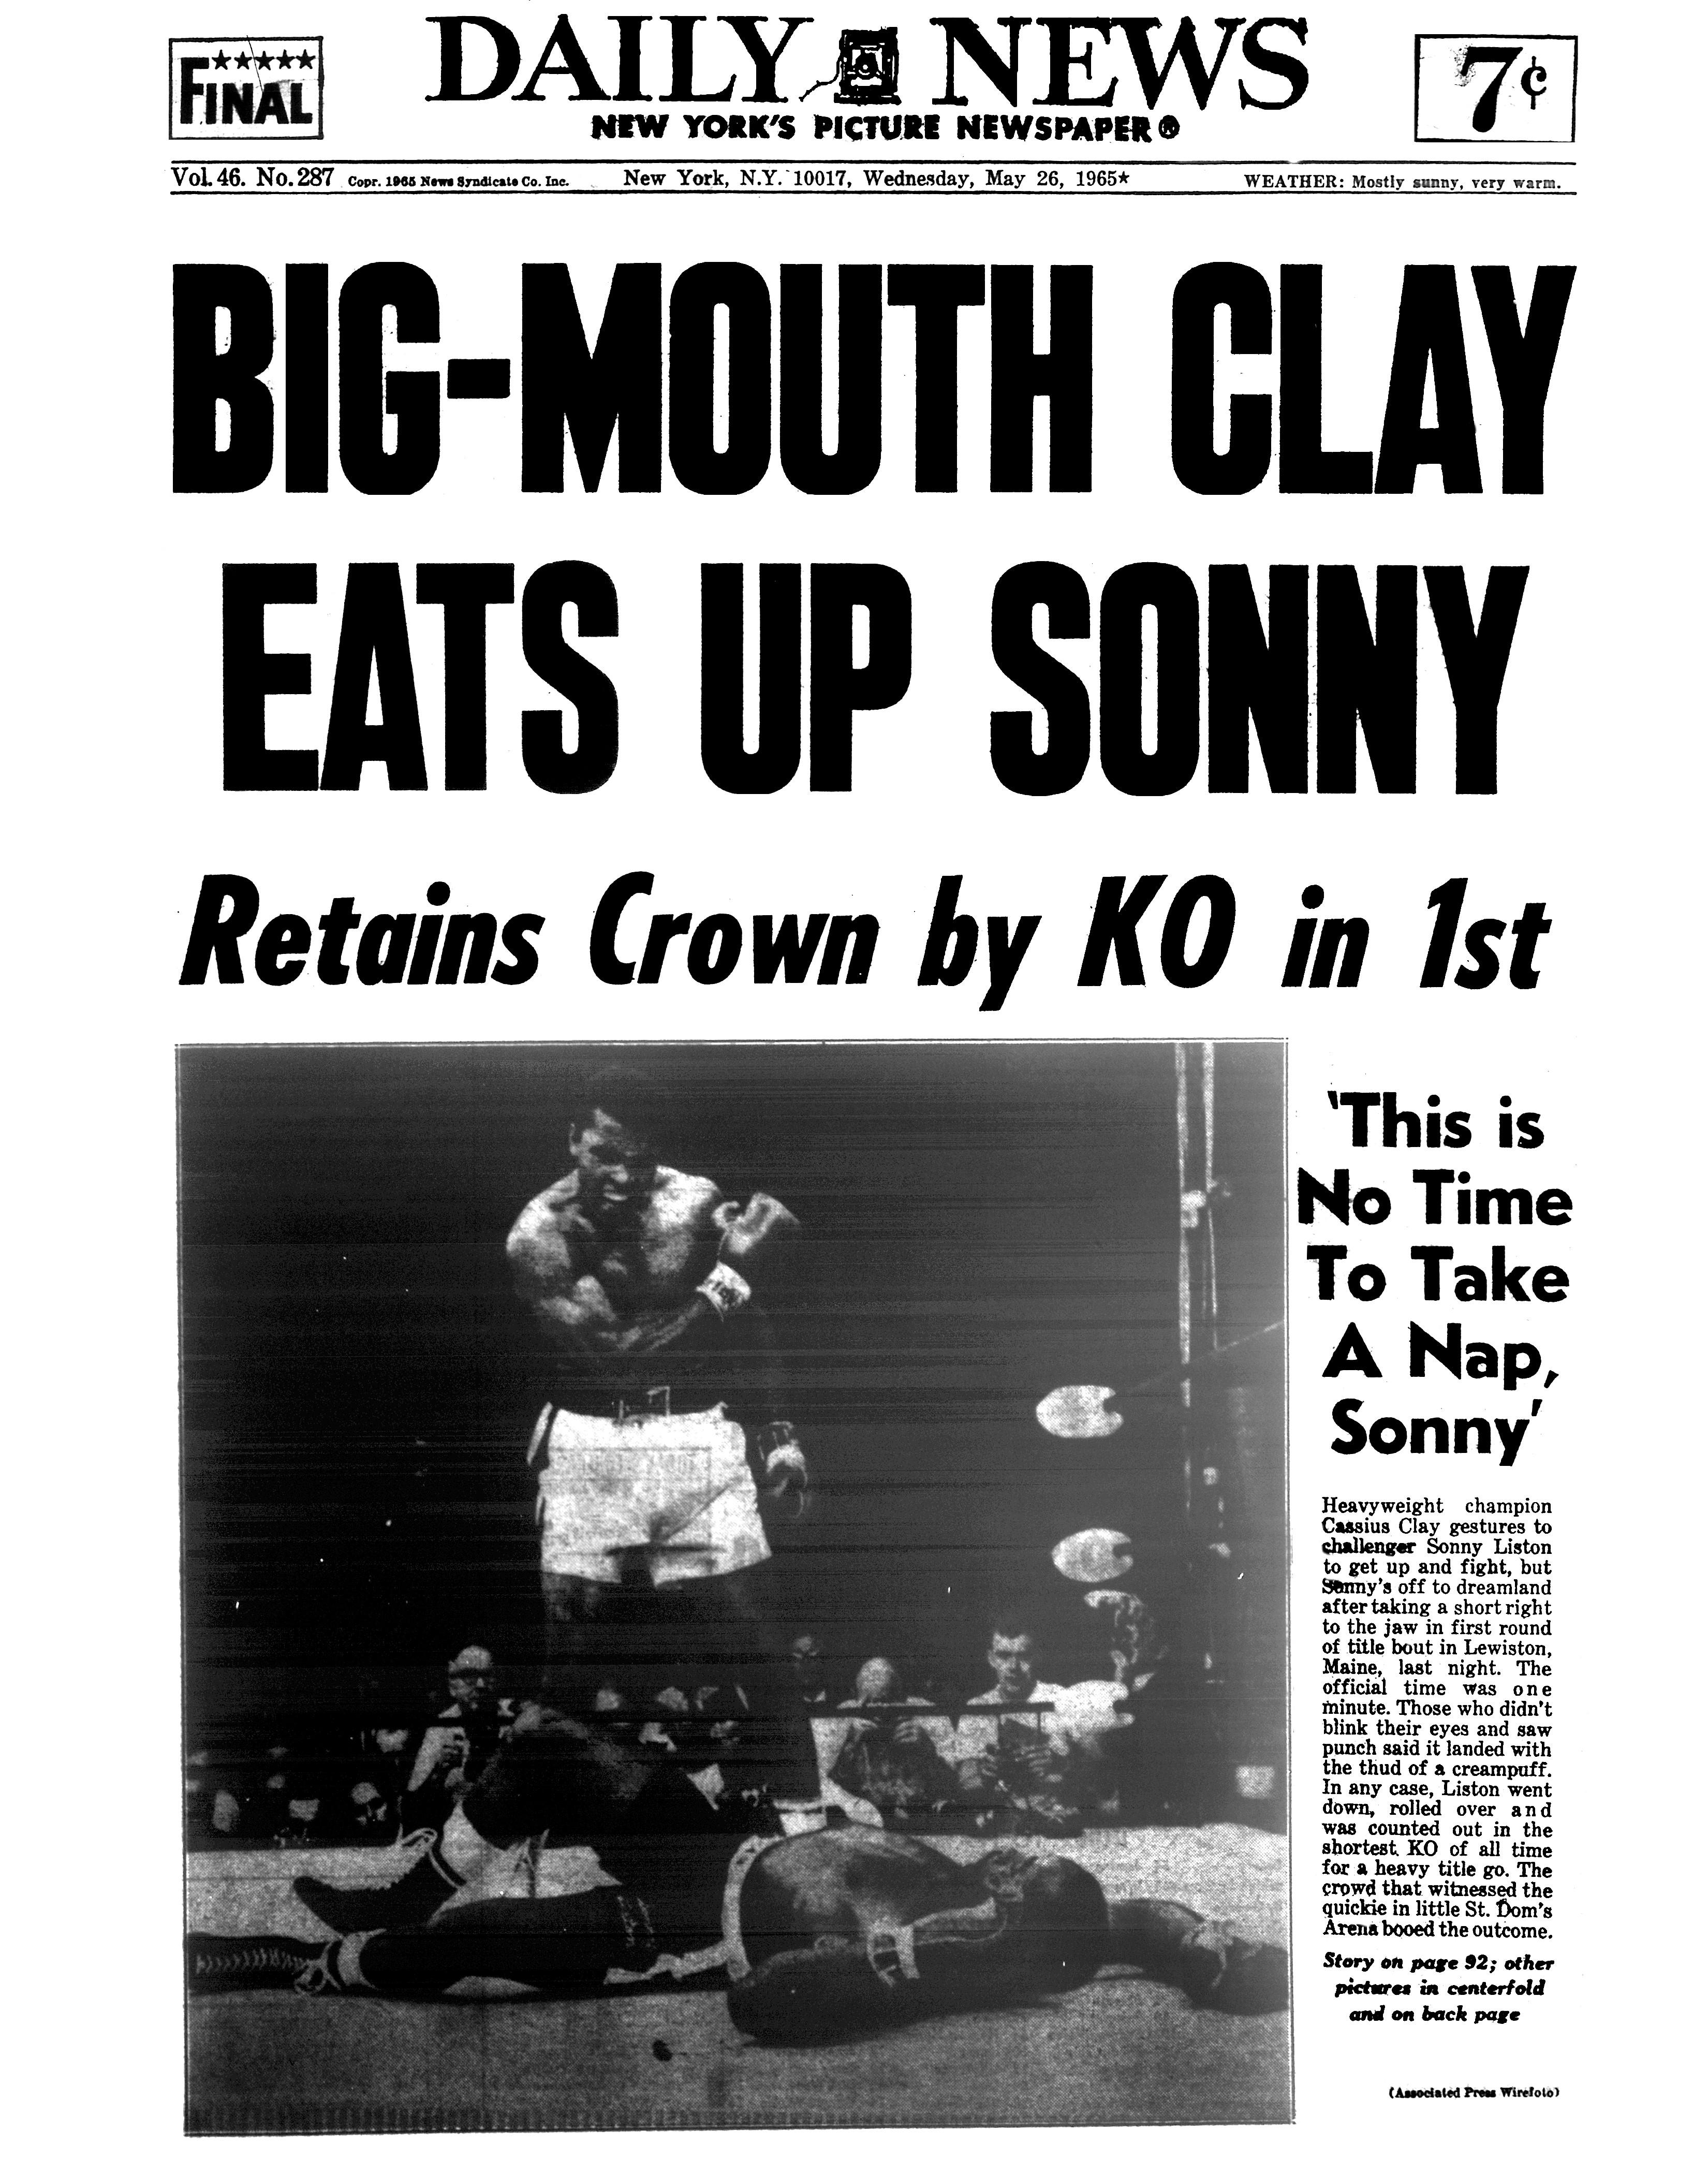 La une du Daily News après Ali - Liston